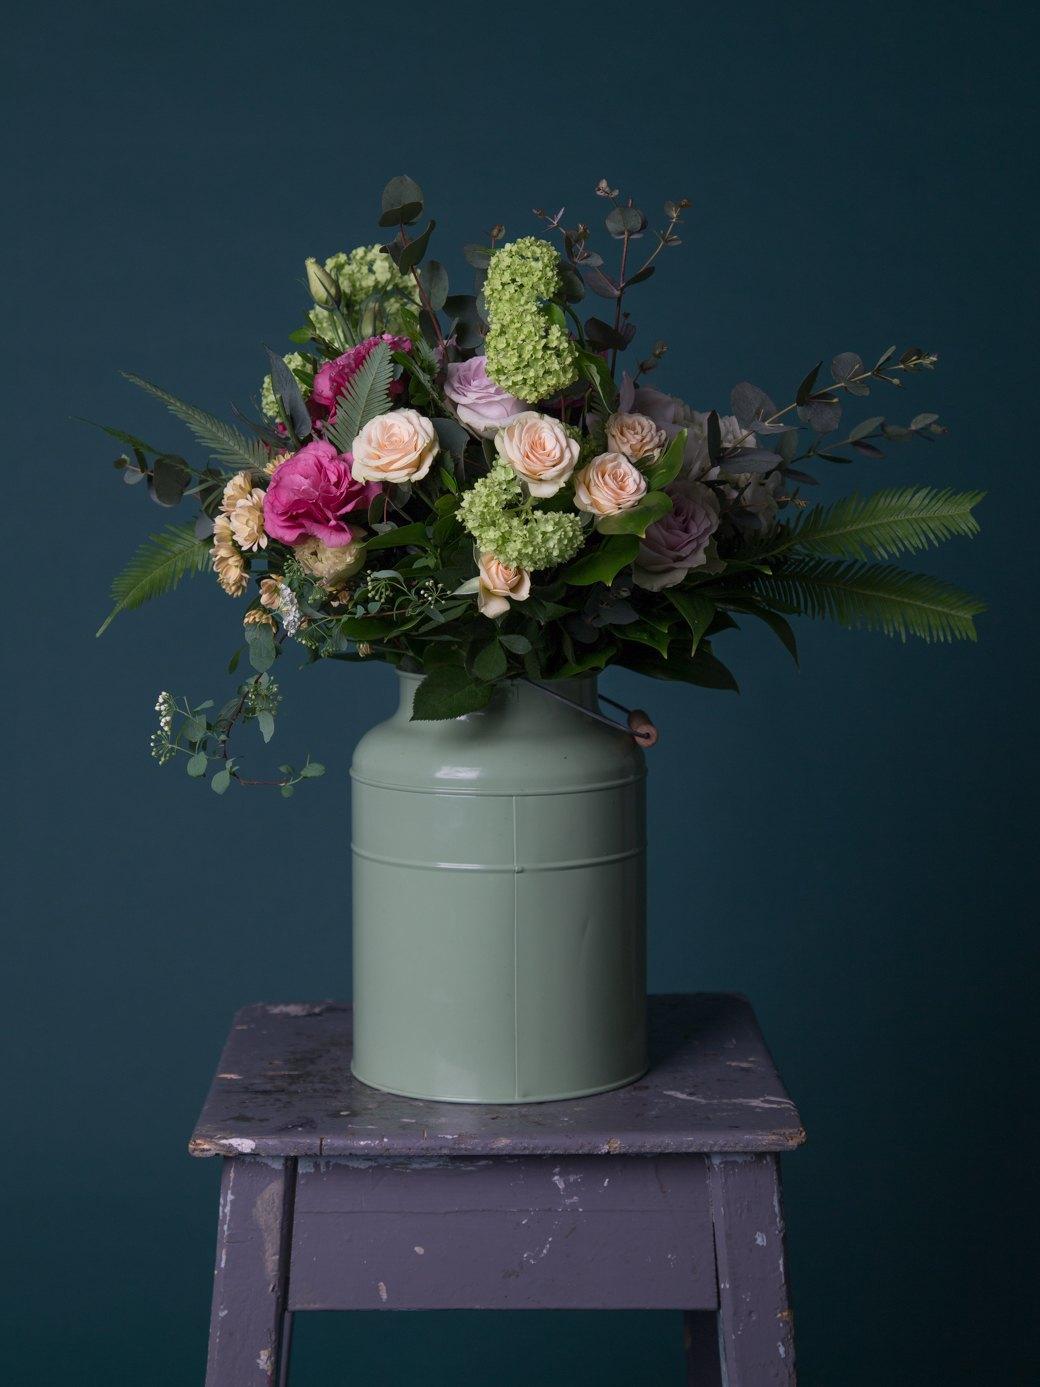 Сколько стоит букет цветов?. Изображение № 59.